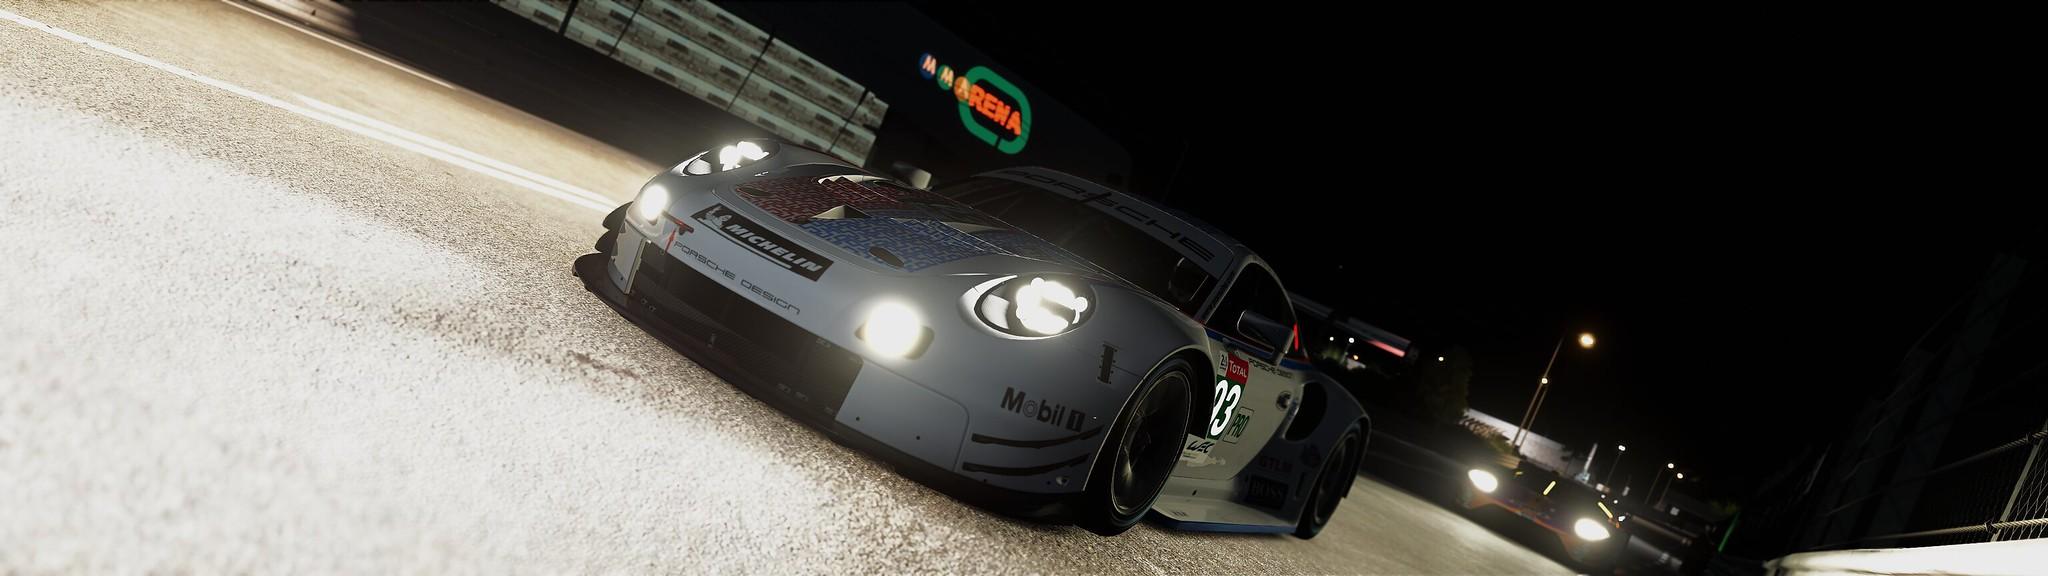 Assetto Corsa - Test Setup Mod Graphic Fx & Sound (Circuit 24 Le Mans) 49415723768_a84b8d0921_k